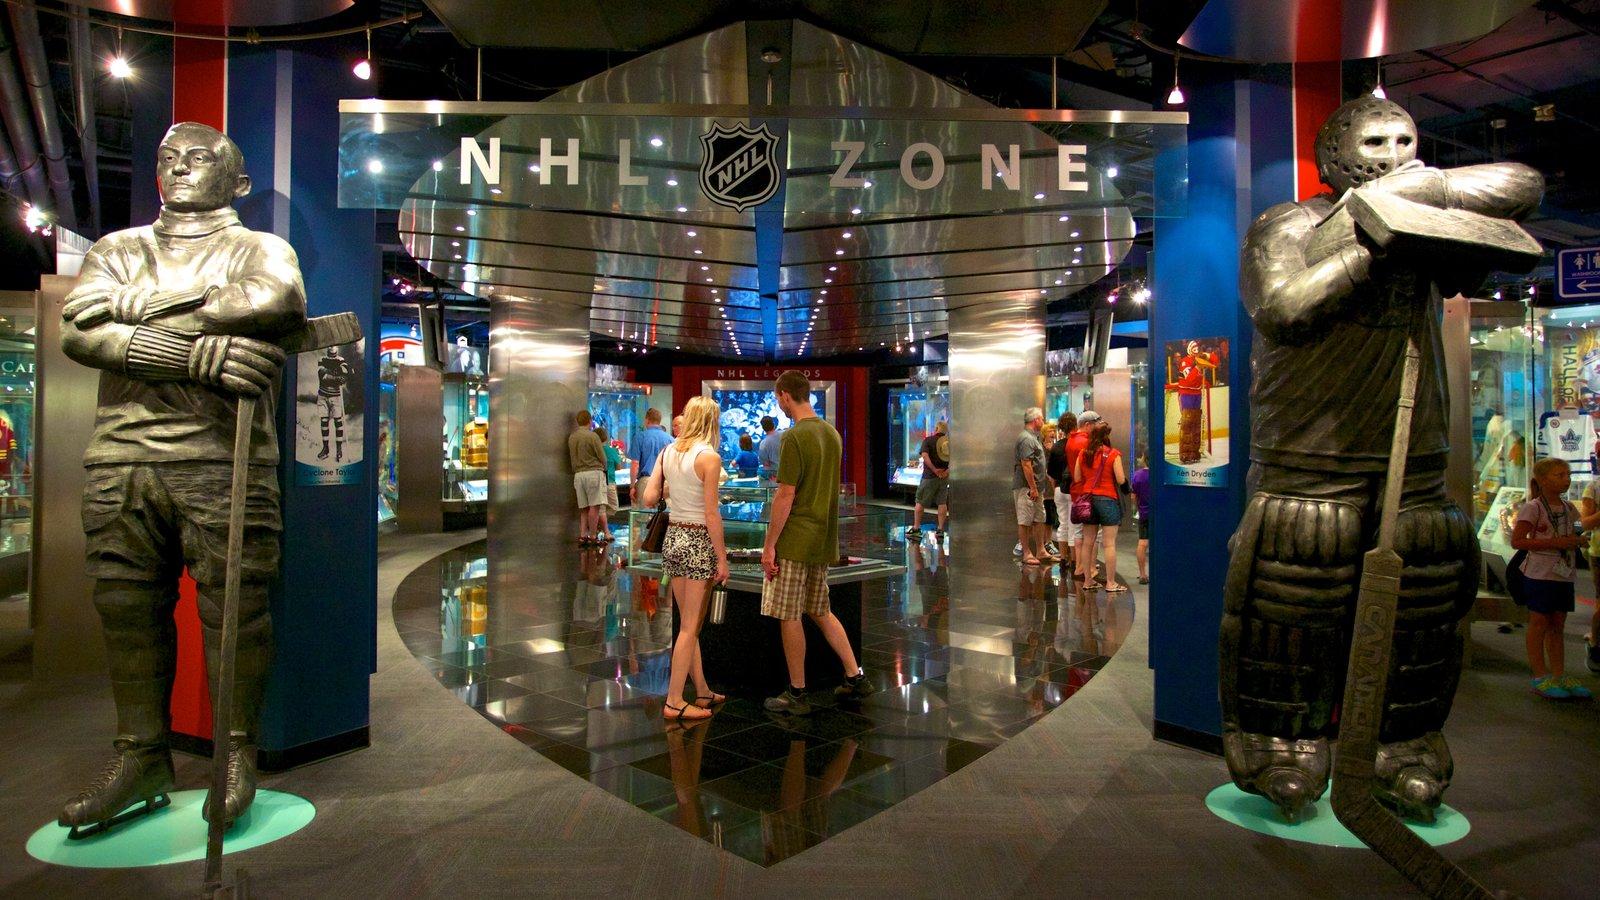 Hockey Hall of Fame caracterizando vistas internas assim como um casal